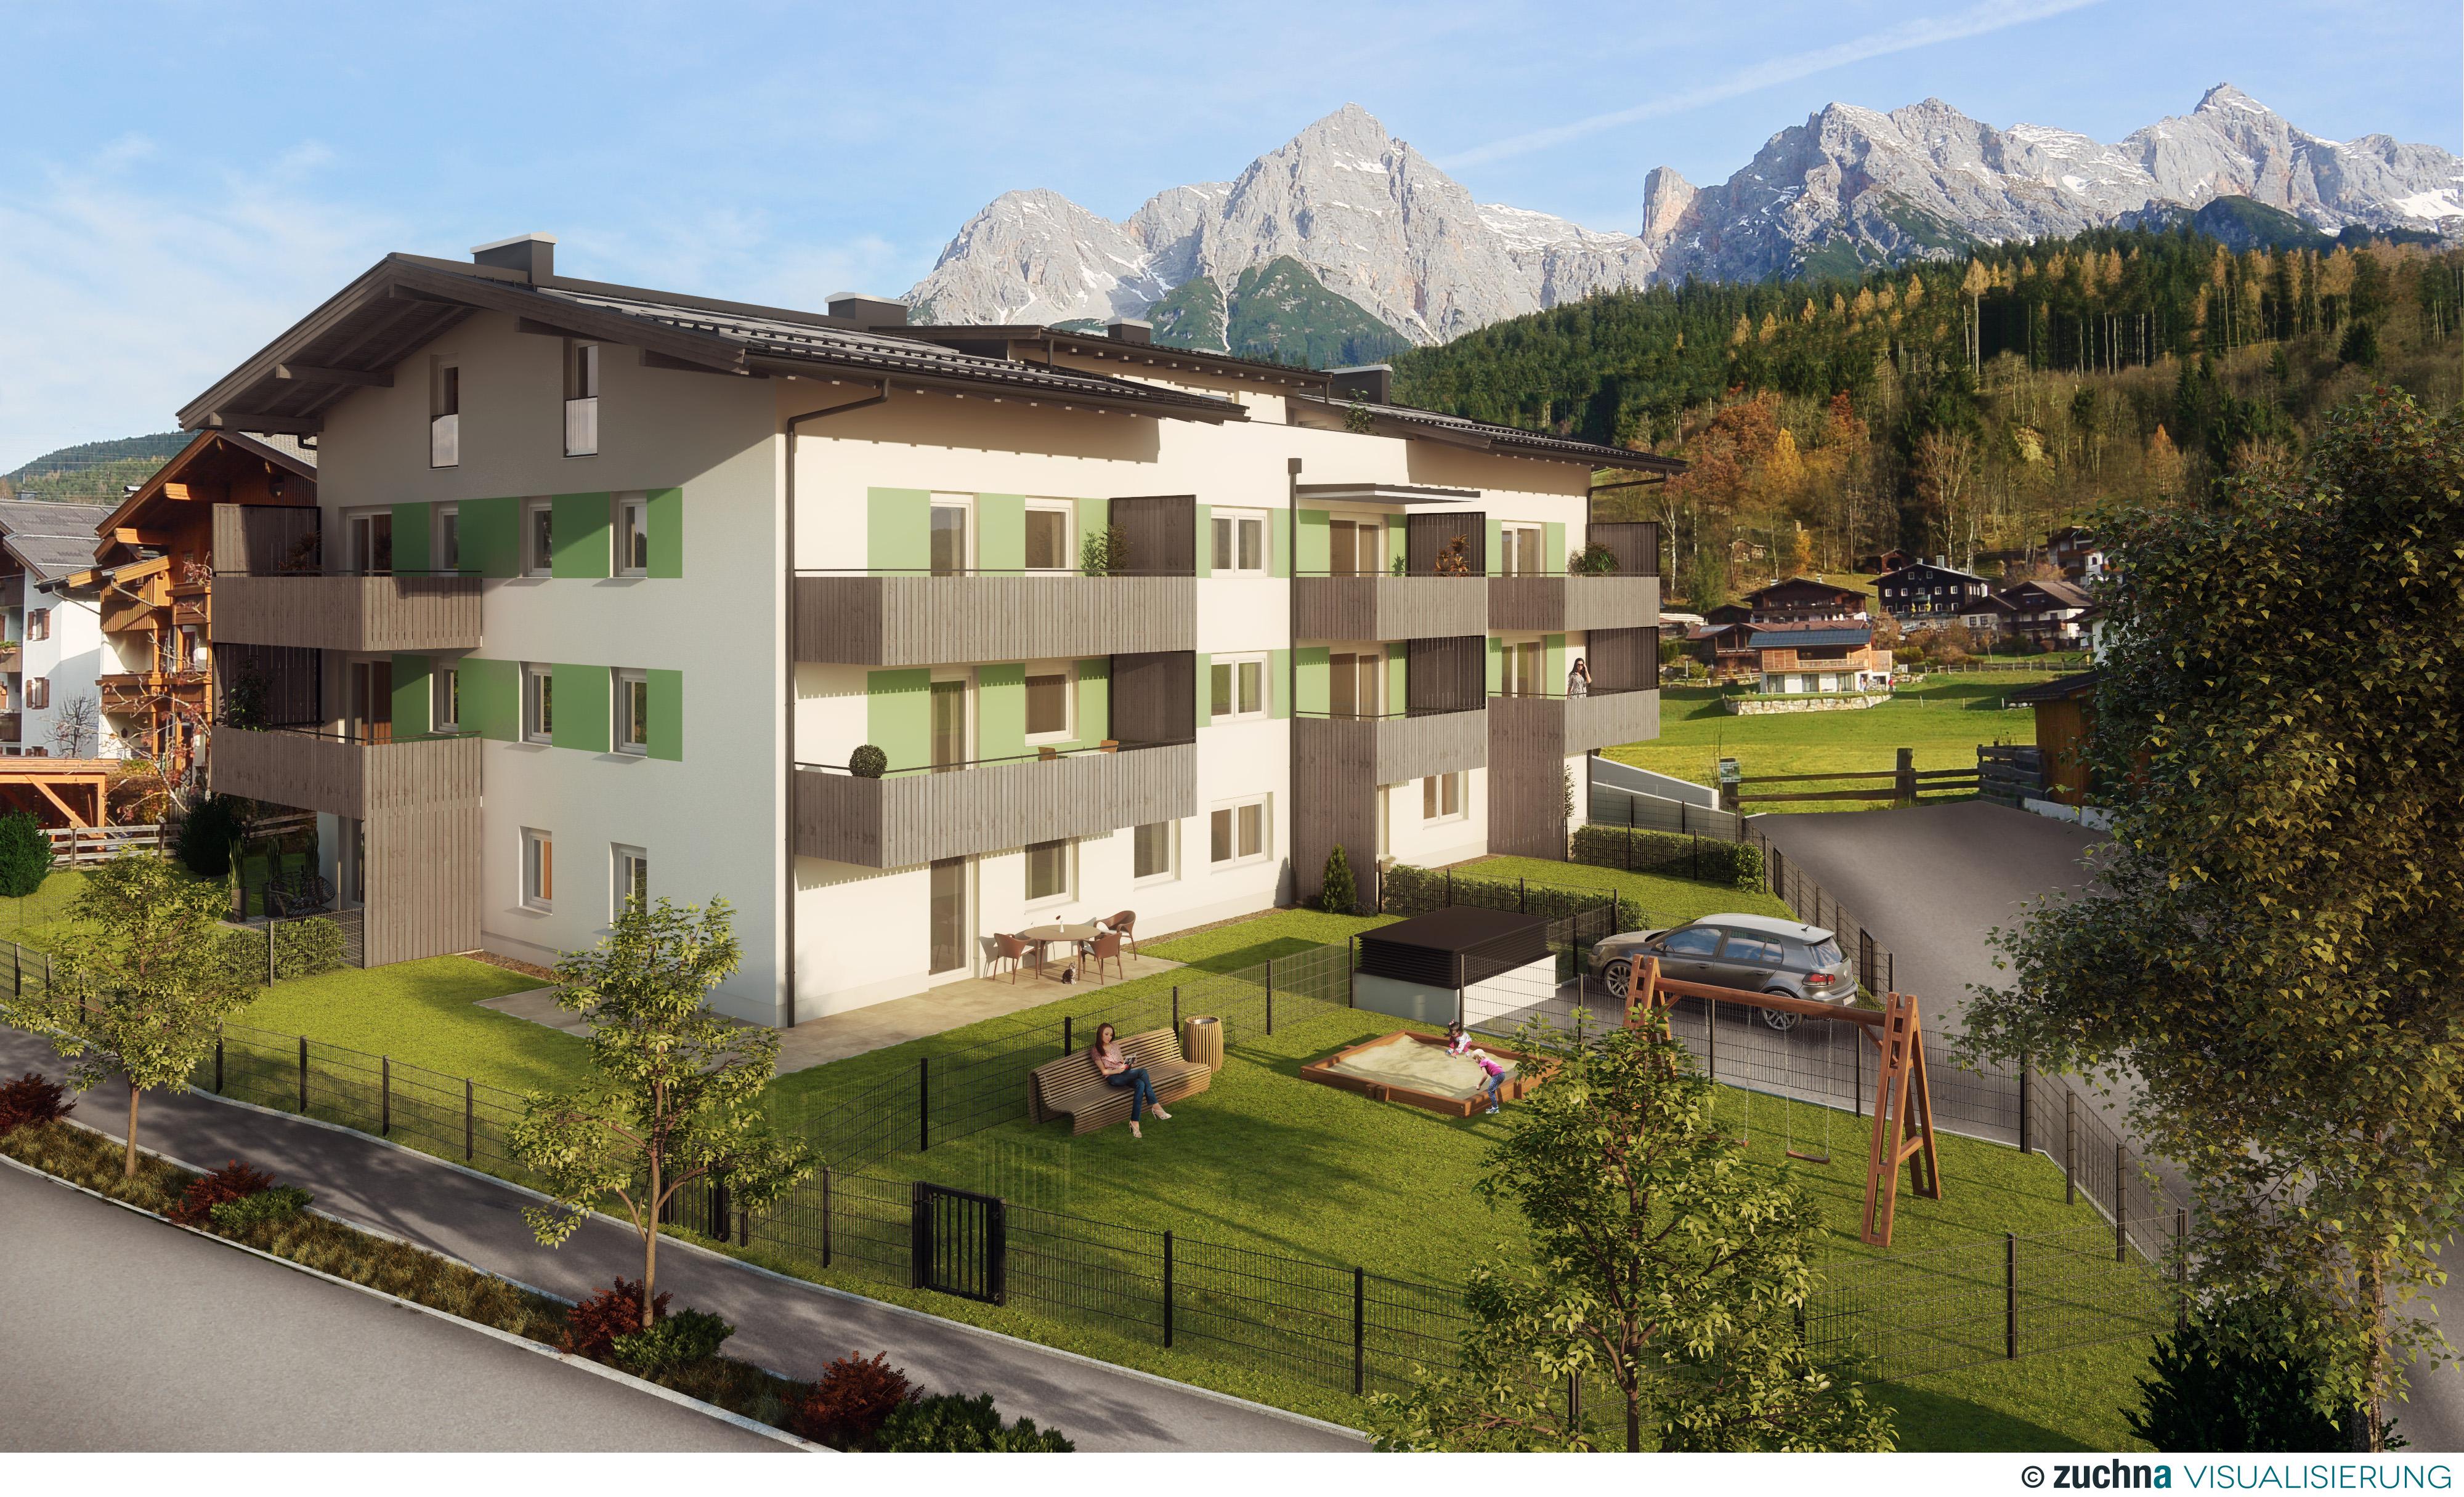 Mietkauf Wohnung Salzburg